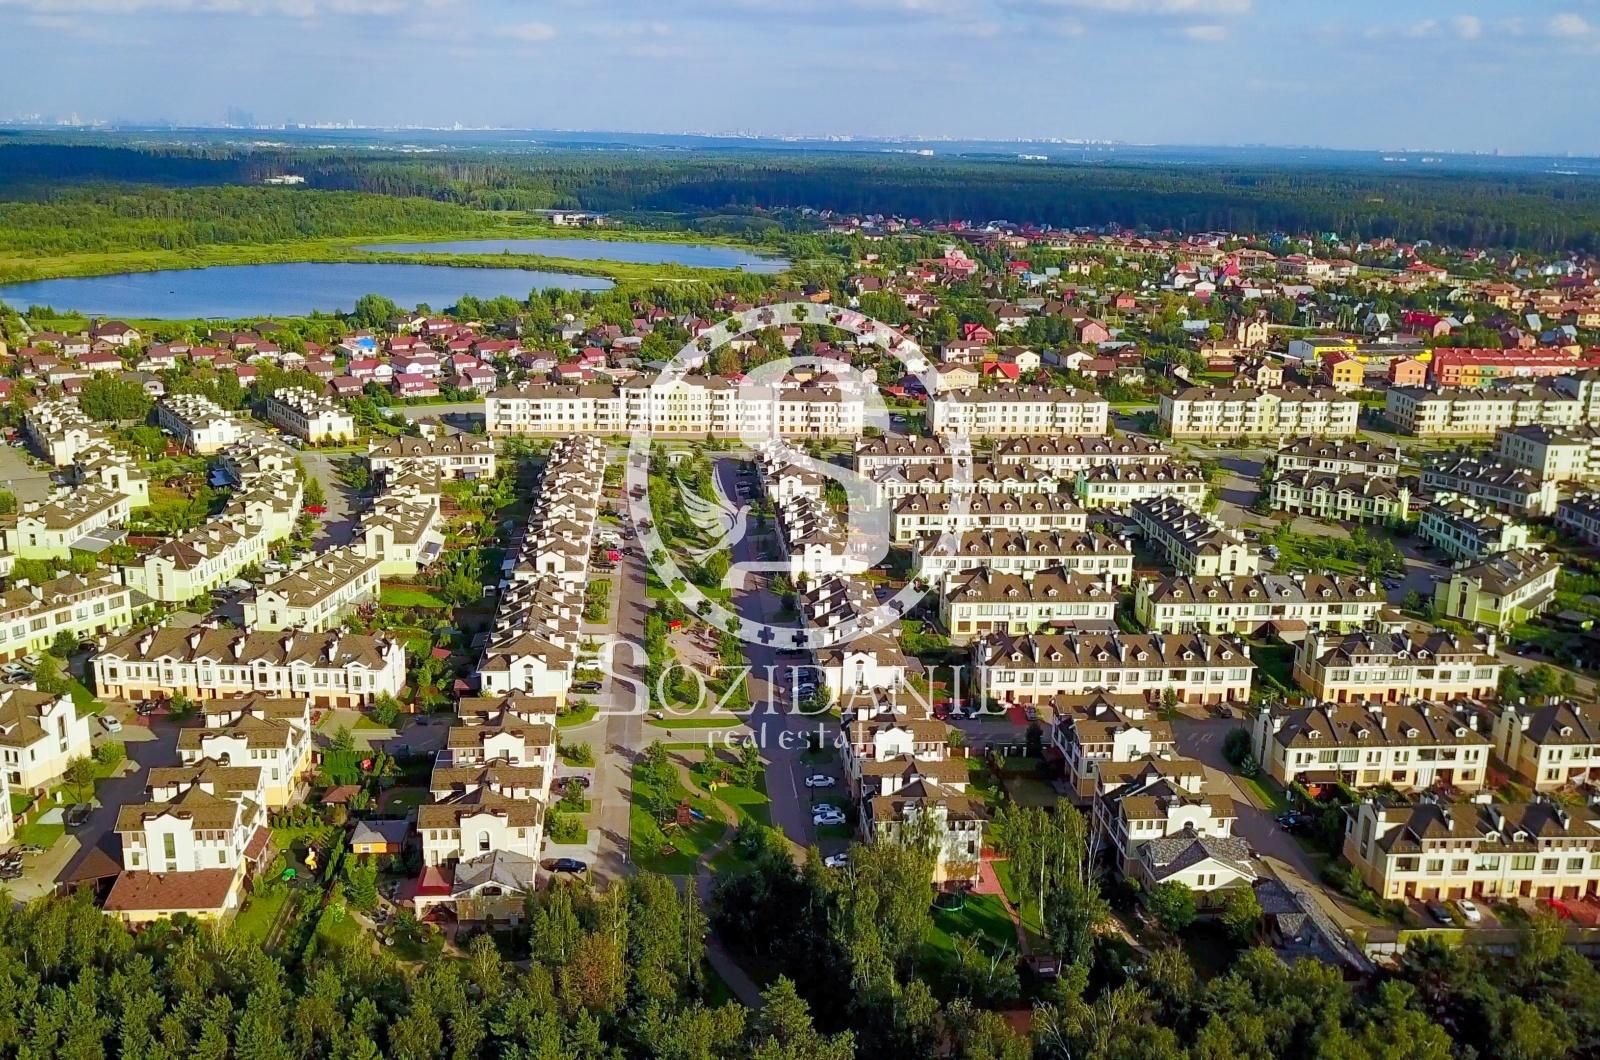 3 Bedrooms, Загородная, Продажа, Listing ID 3590, Московская область, Россия,